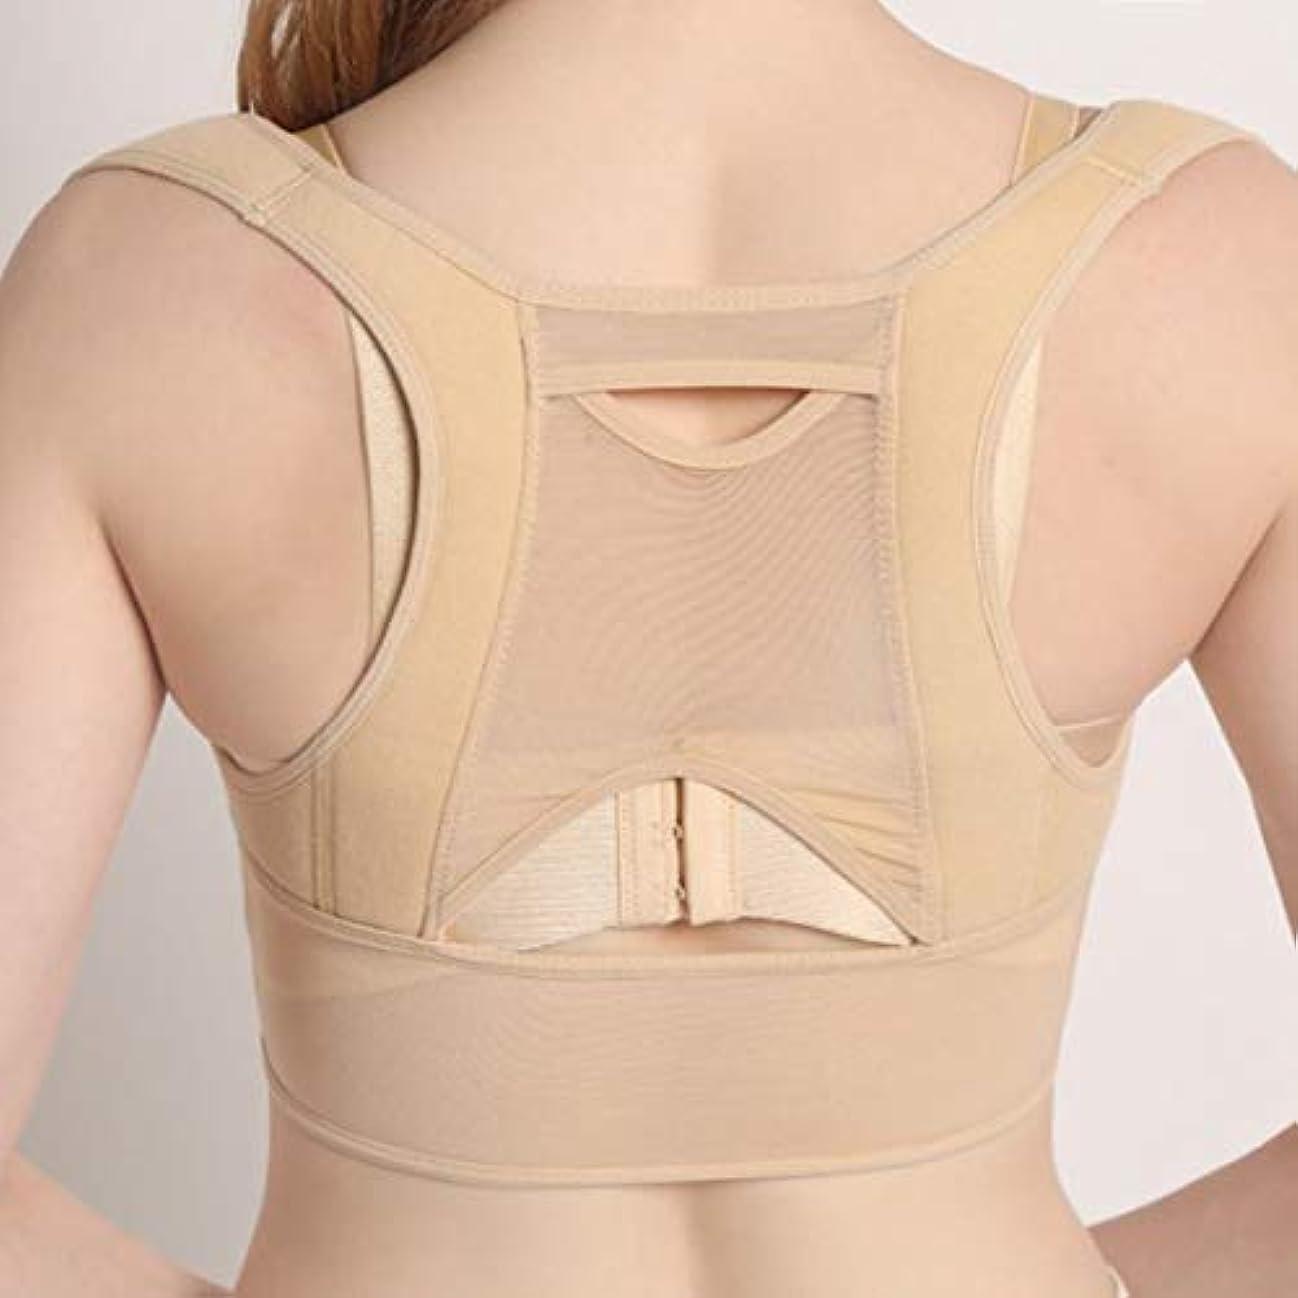 挑発する抗議十億通気性のある女性バック姿勢矯正コルセット整形外科用アッパーバックショルダー脊椎姿勢矯正腰椎サポート - ベージュホワイト